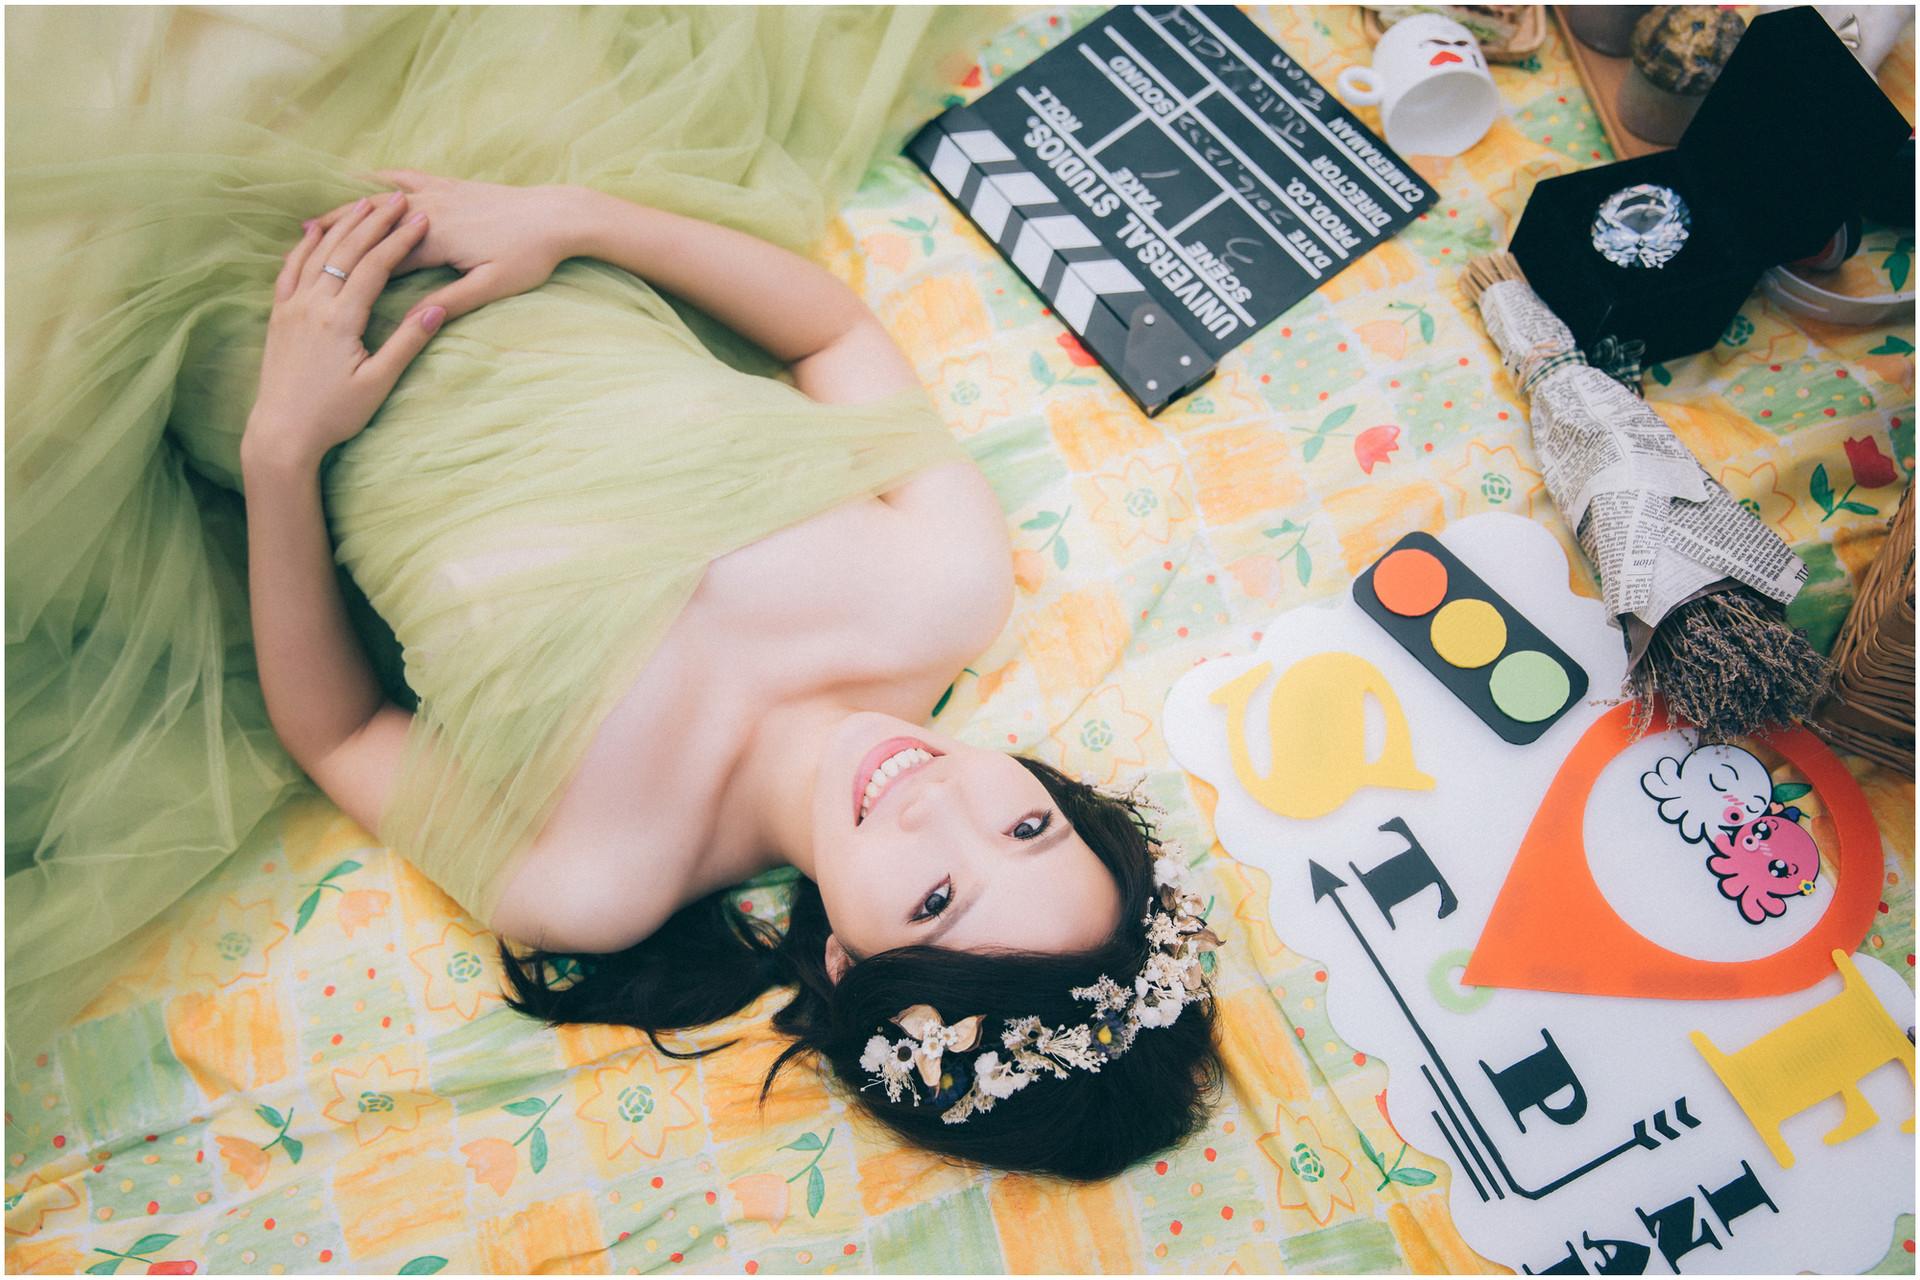 沙崙海邊 / 砲台公園 / 紀州庵 / 寵物婚紗 / 校園婚紗 / 台灣科技大學